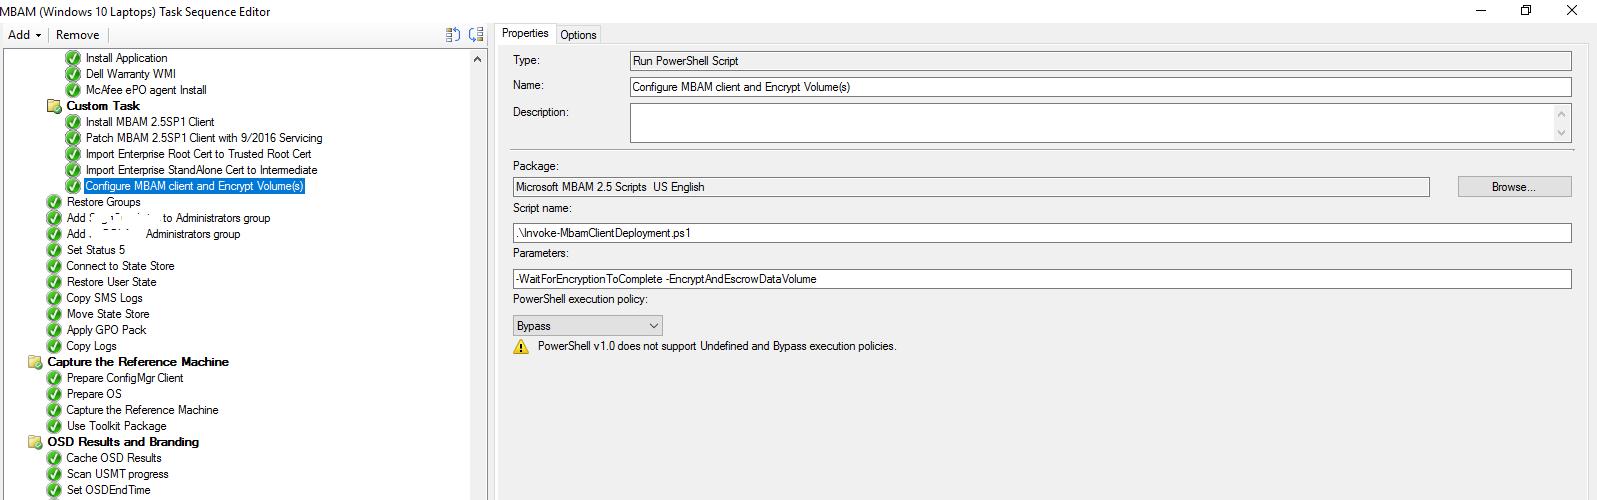 Deploy Bitlocker using MBAM 2 5SP1 (Integrated w/SCCM CB1610